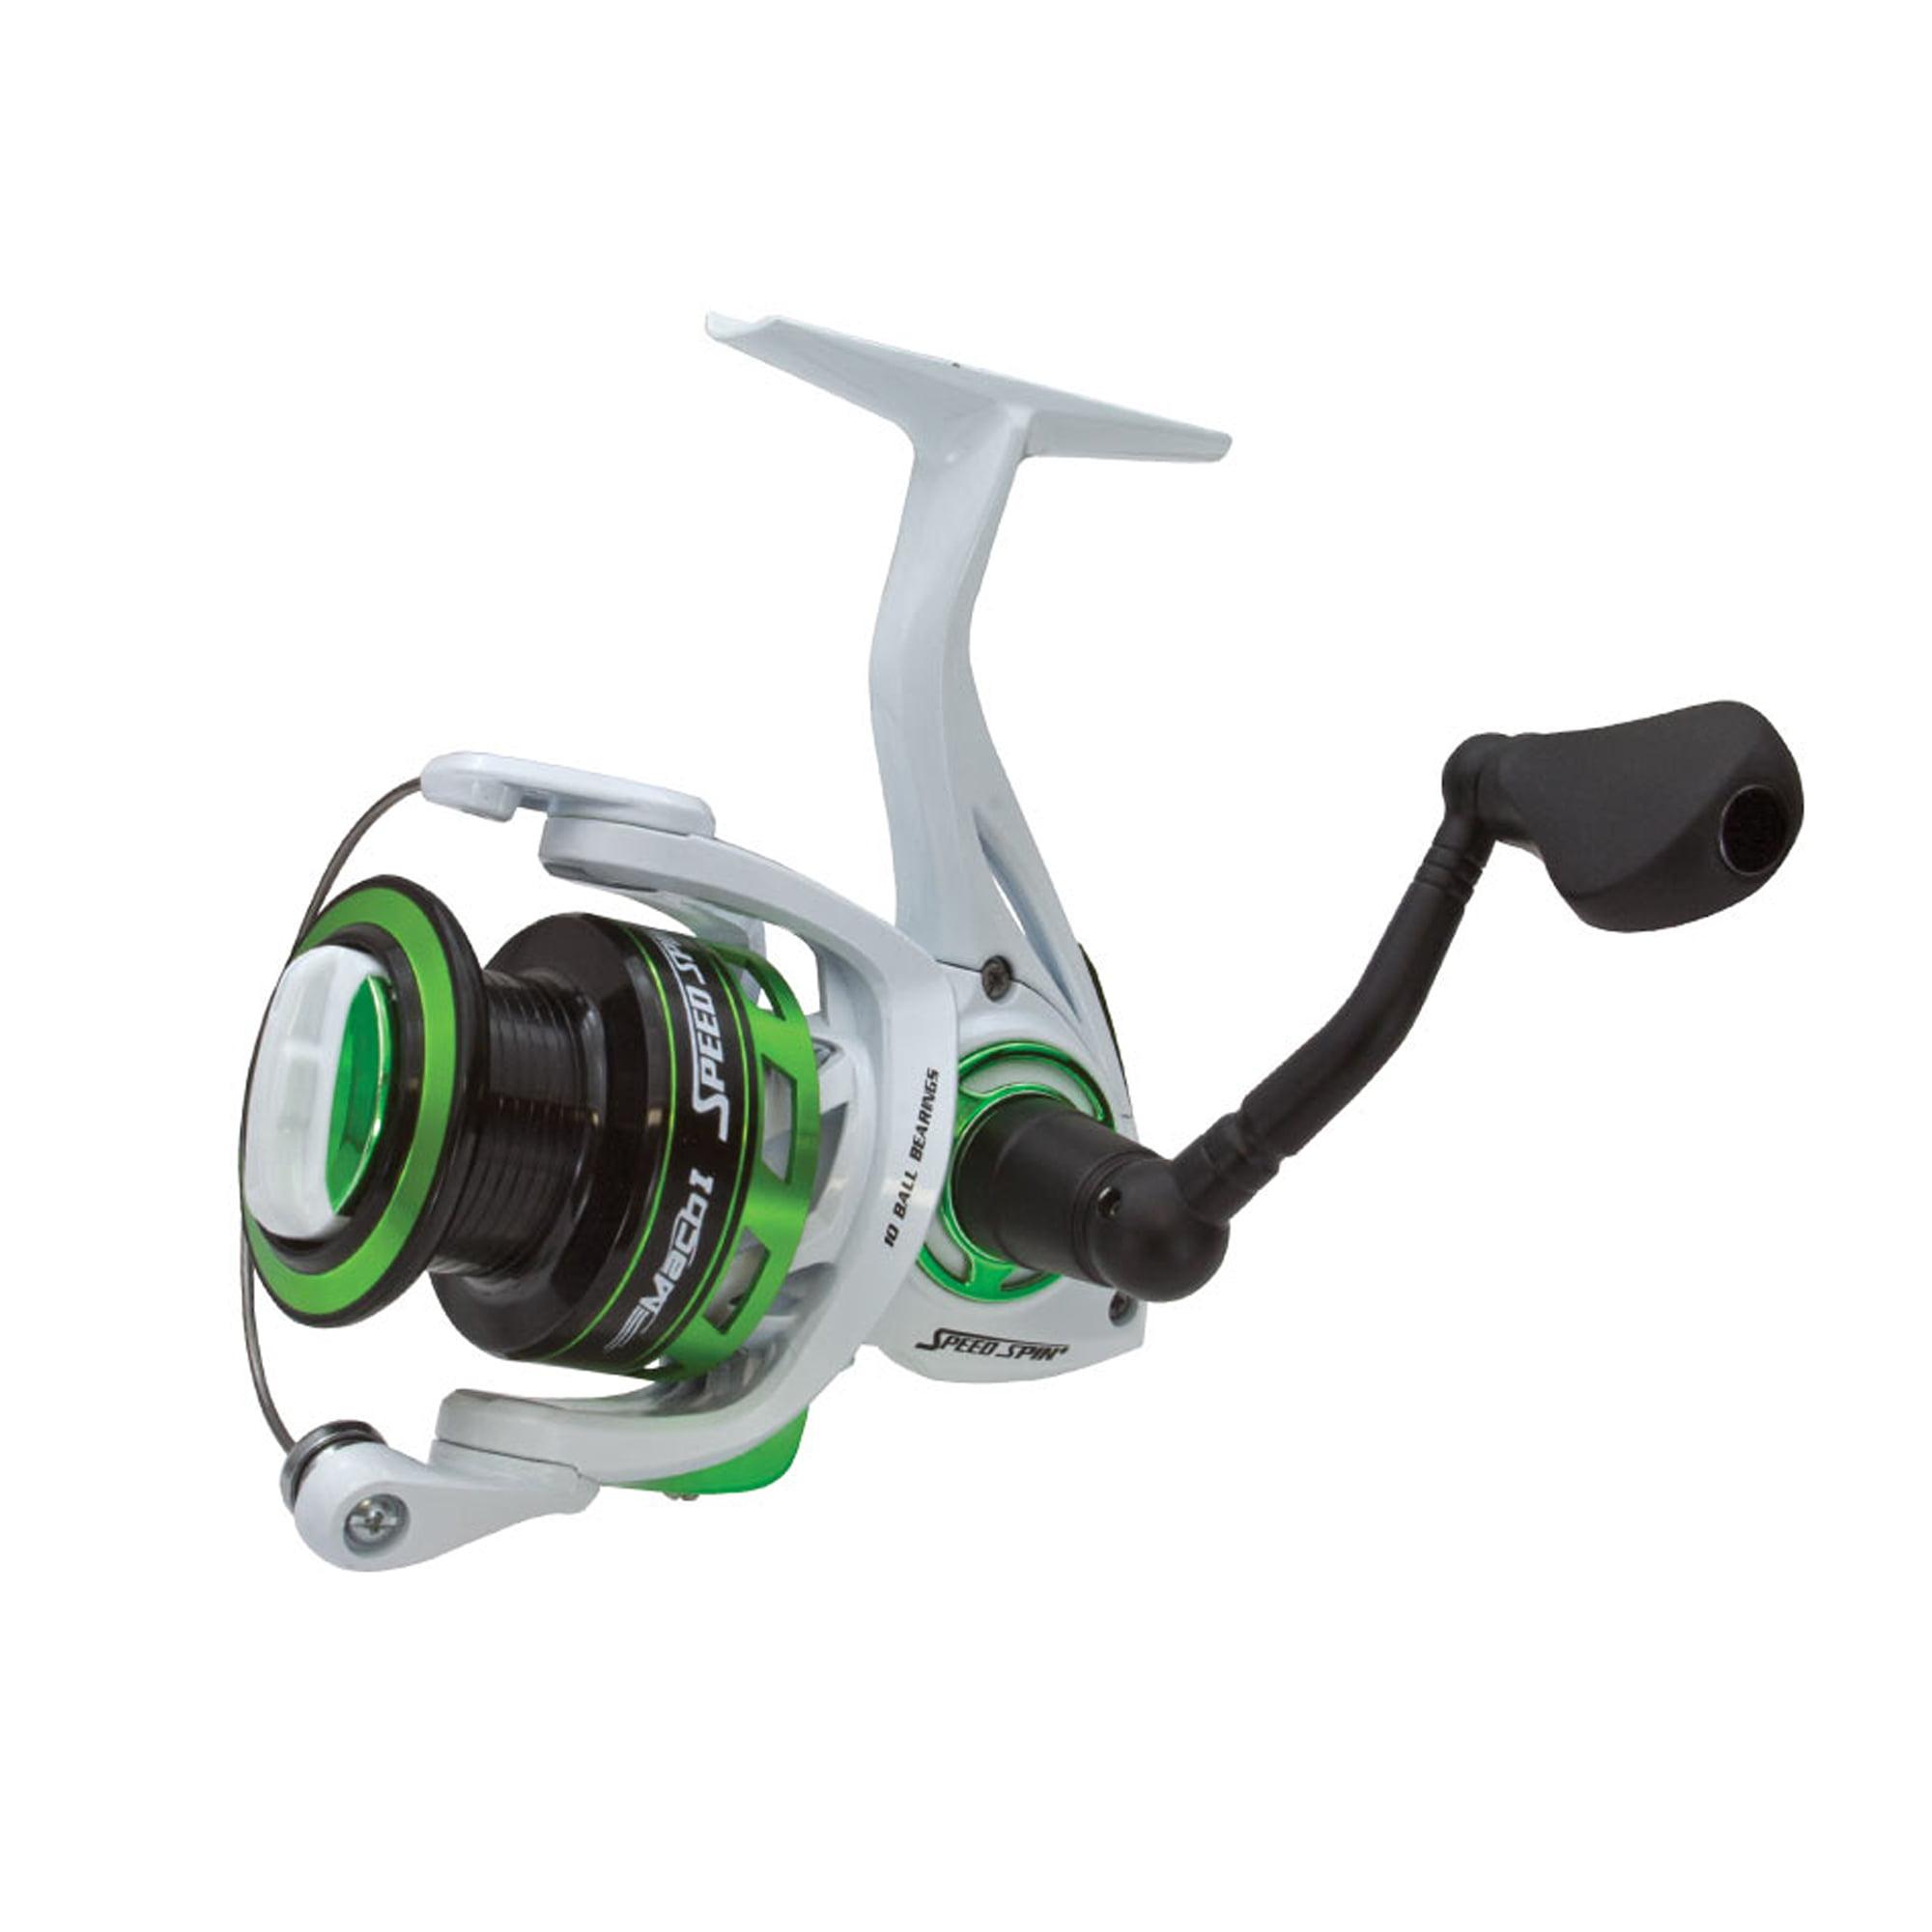 """Lews Fishing Mach 1 Speed Spin Series Reel 31"""" IPT, 6.2:1 Gear Ratio, 9+1 Bearings by Lews Fishing"""